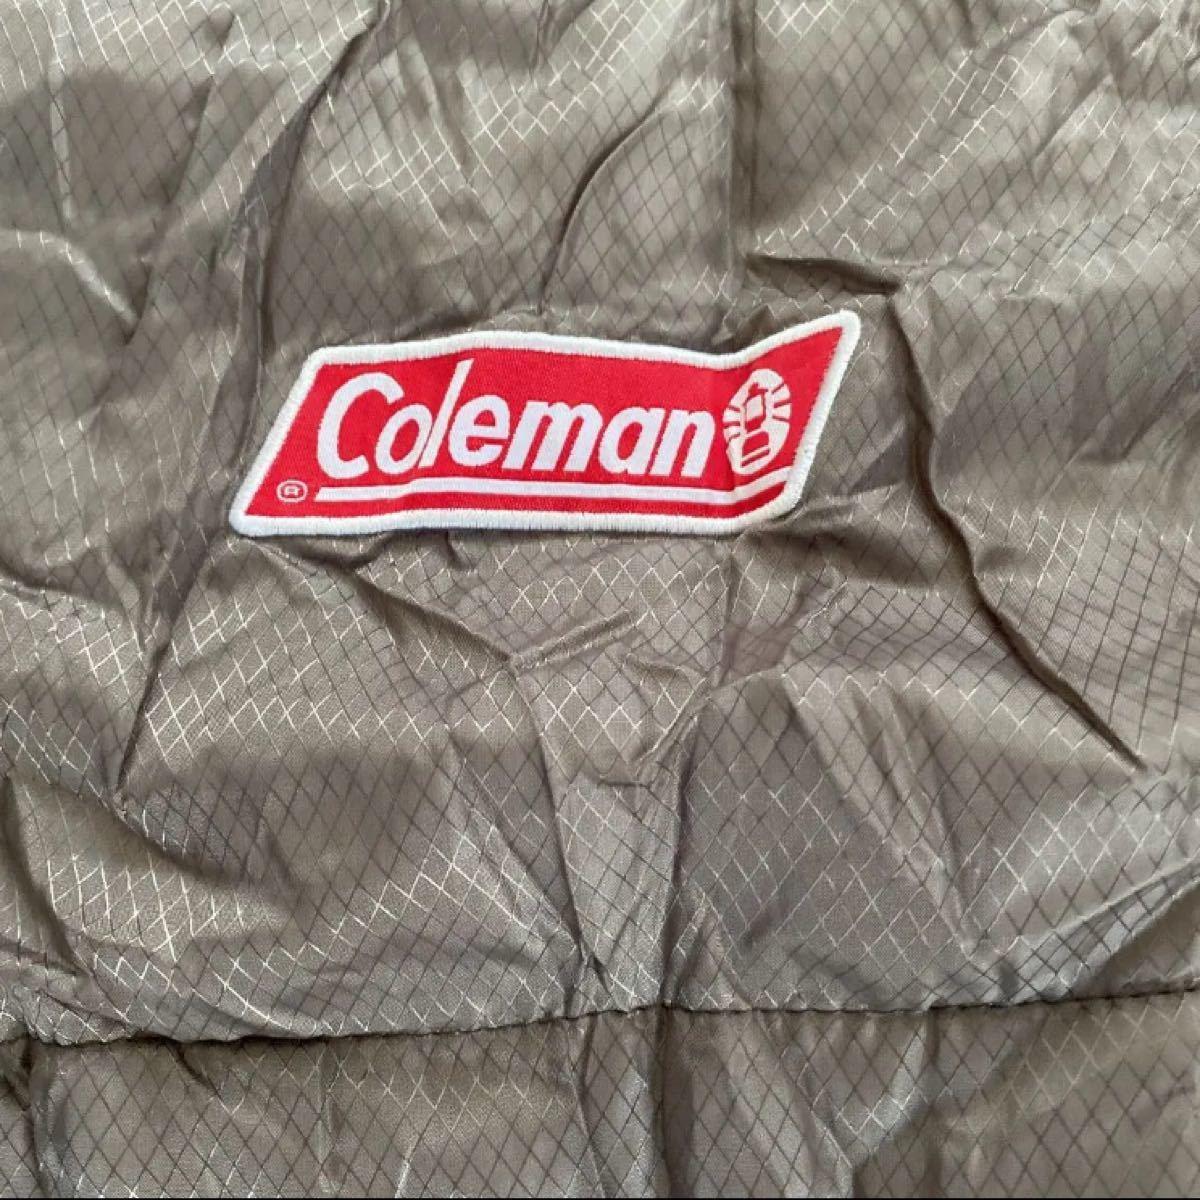 コールマン寝袋 Coleman mont-bell コールマン寝袋